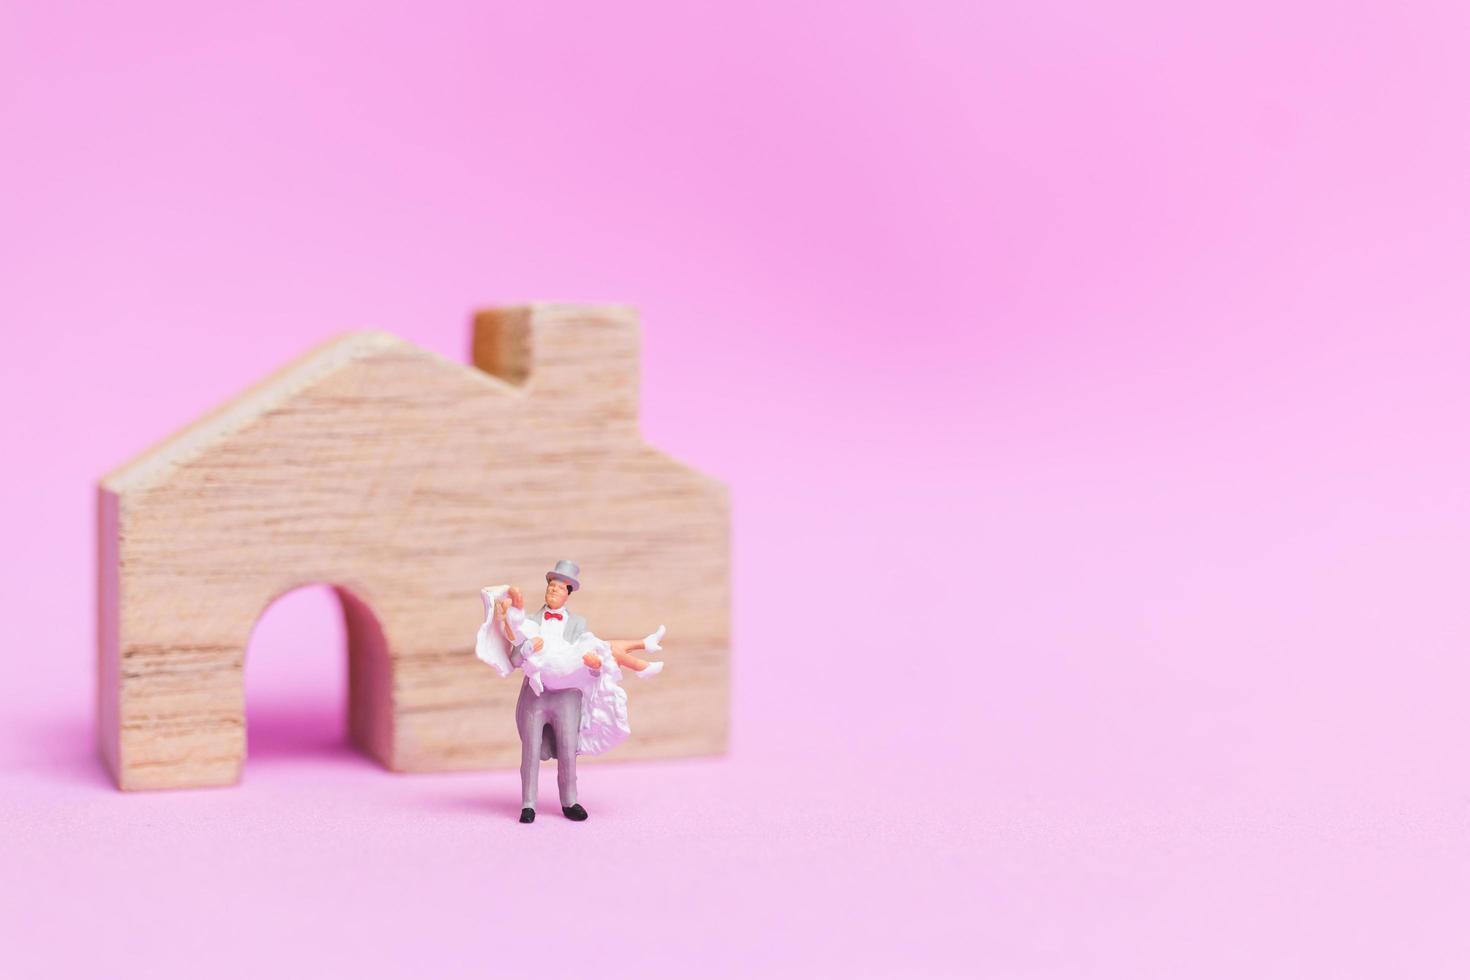 Boda en miniatura de una pareja de novios sobre un fondo rosa, concepto de día de San Valentín foto